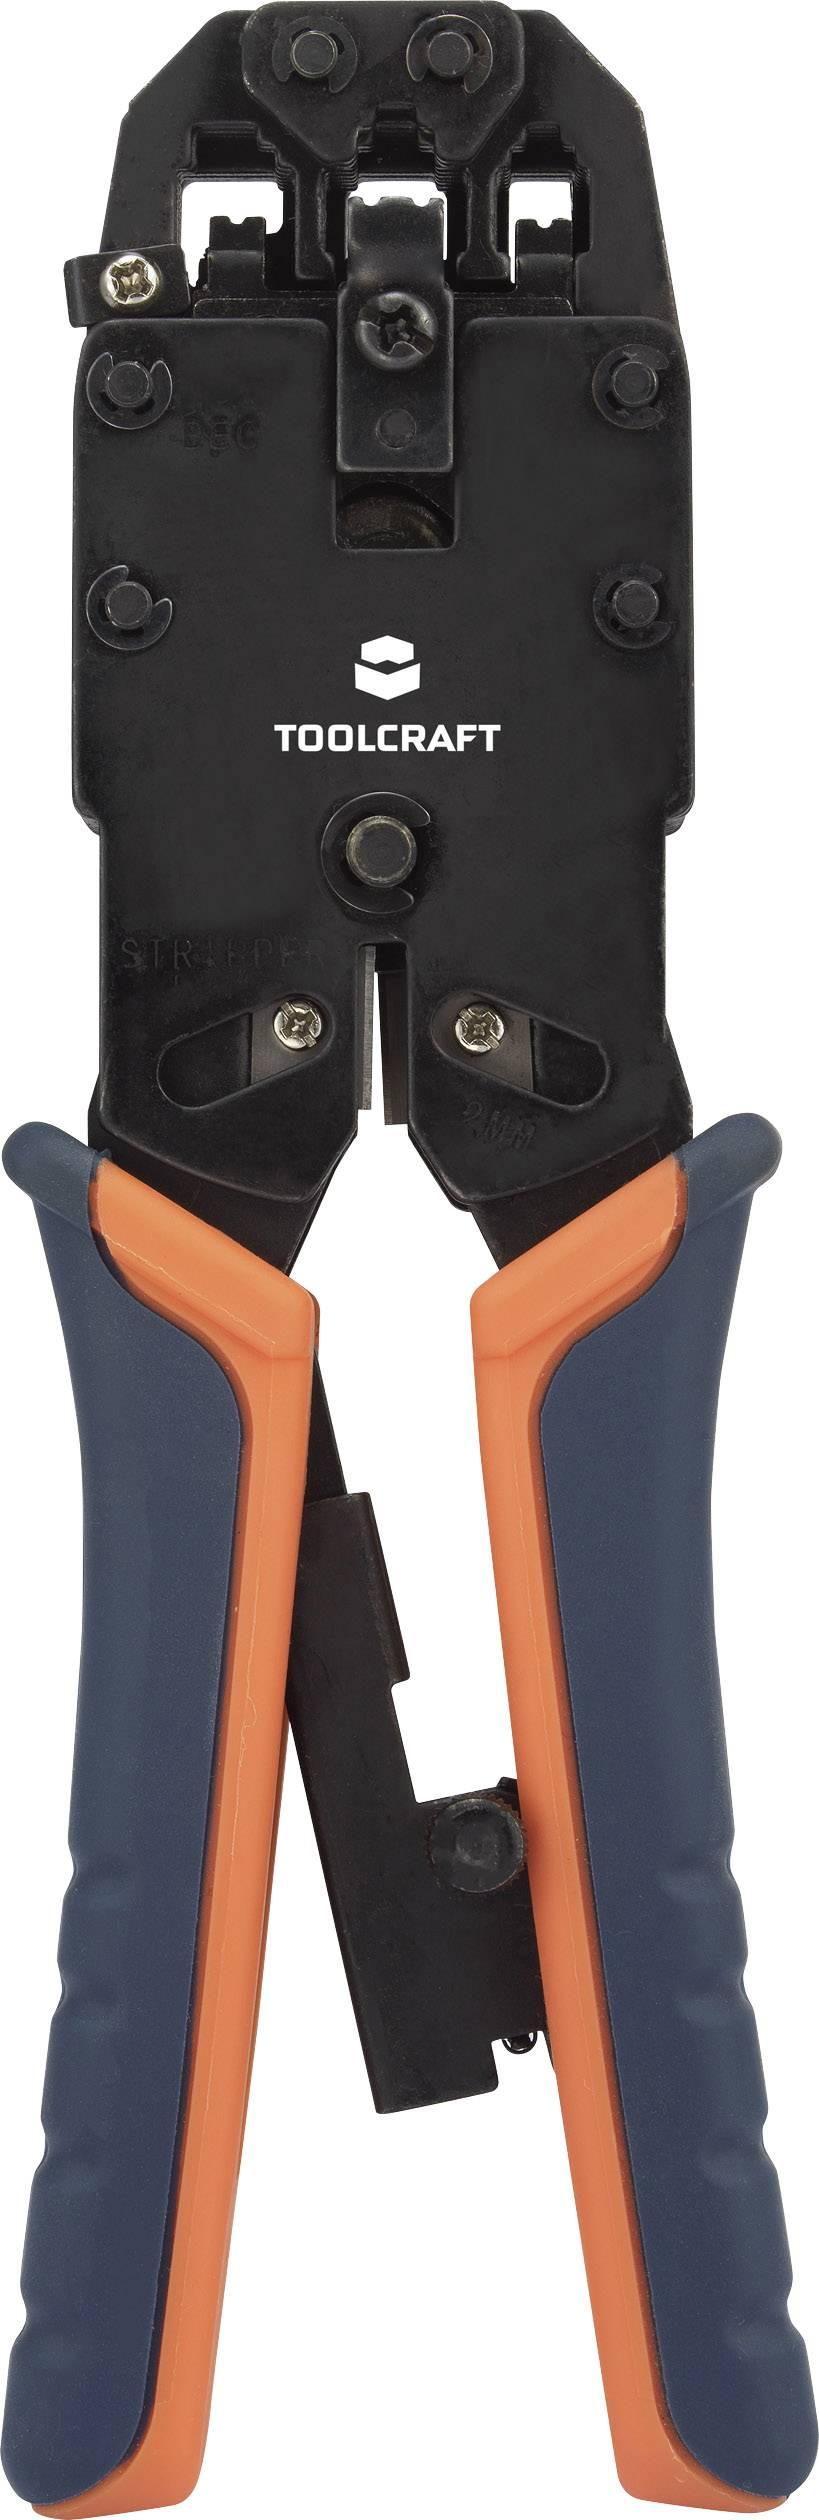 Káblové nožnice TOOLCRAFT TO-4988586